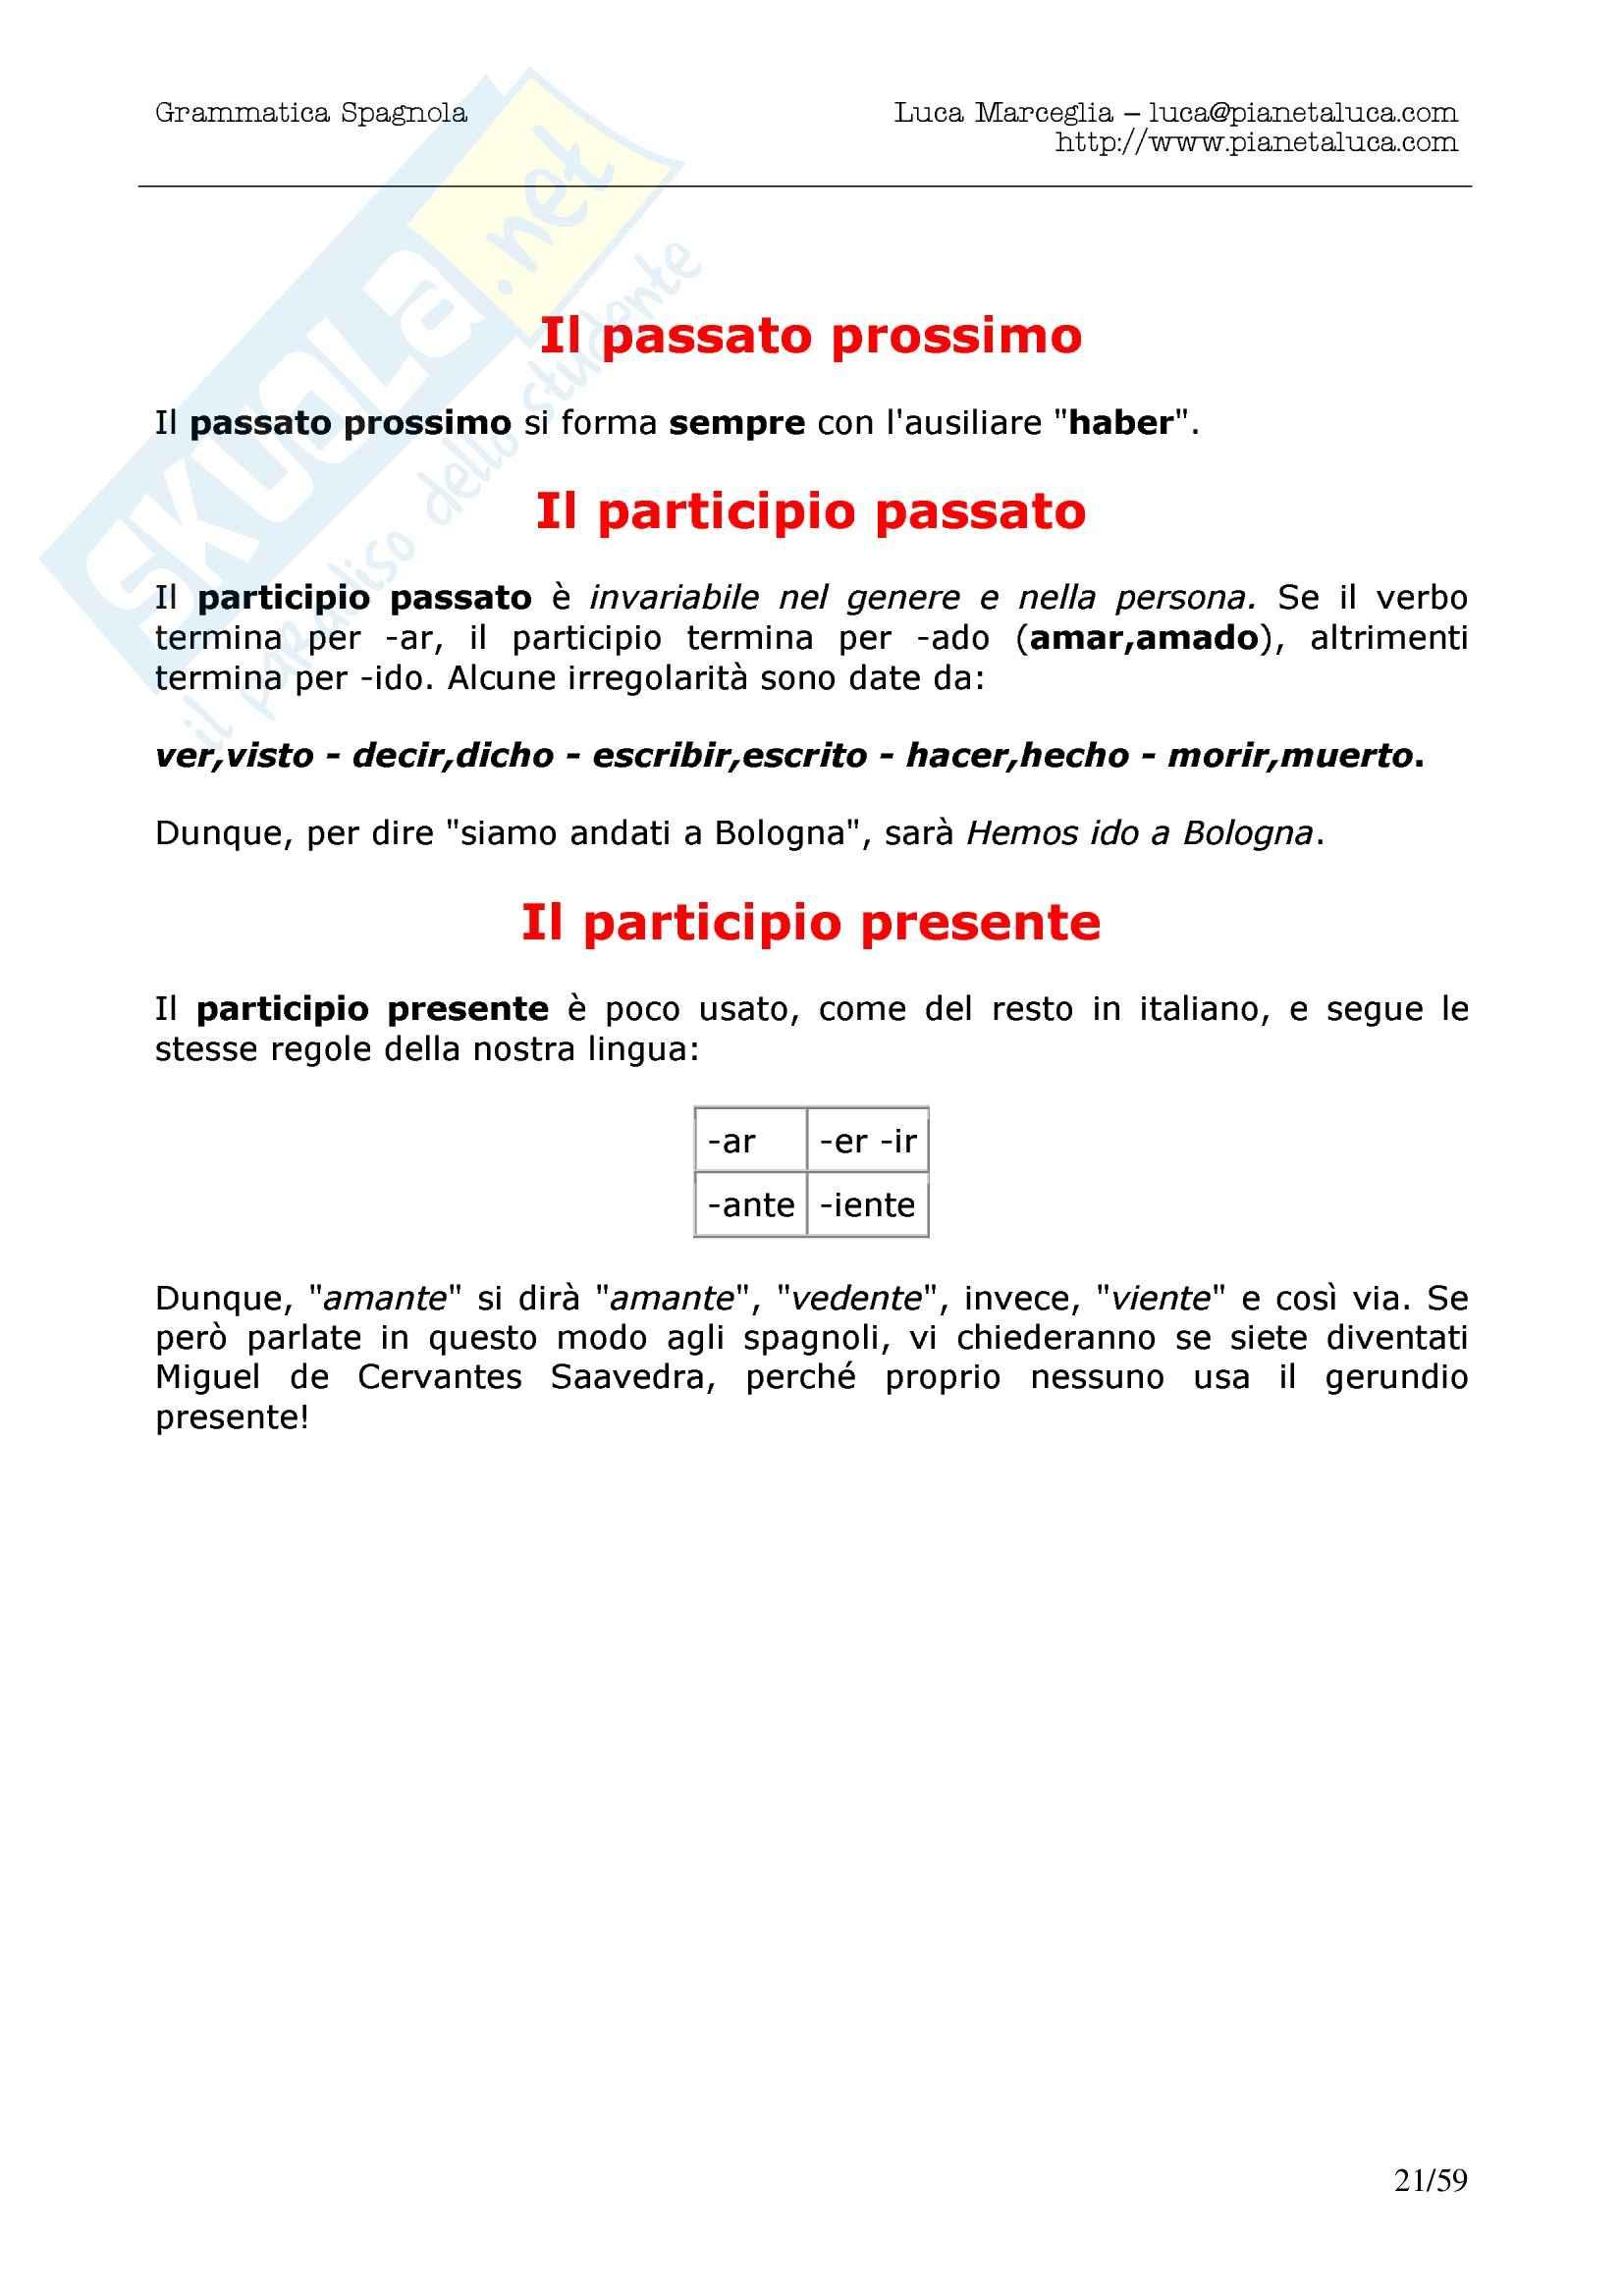 Grammatica spagnola Pag. 21